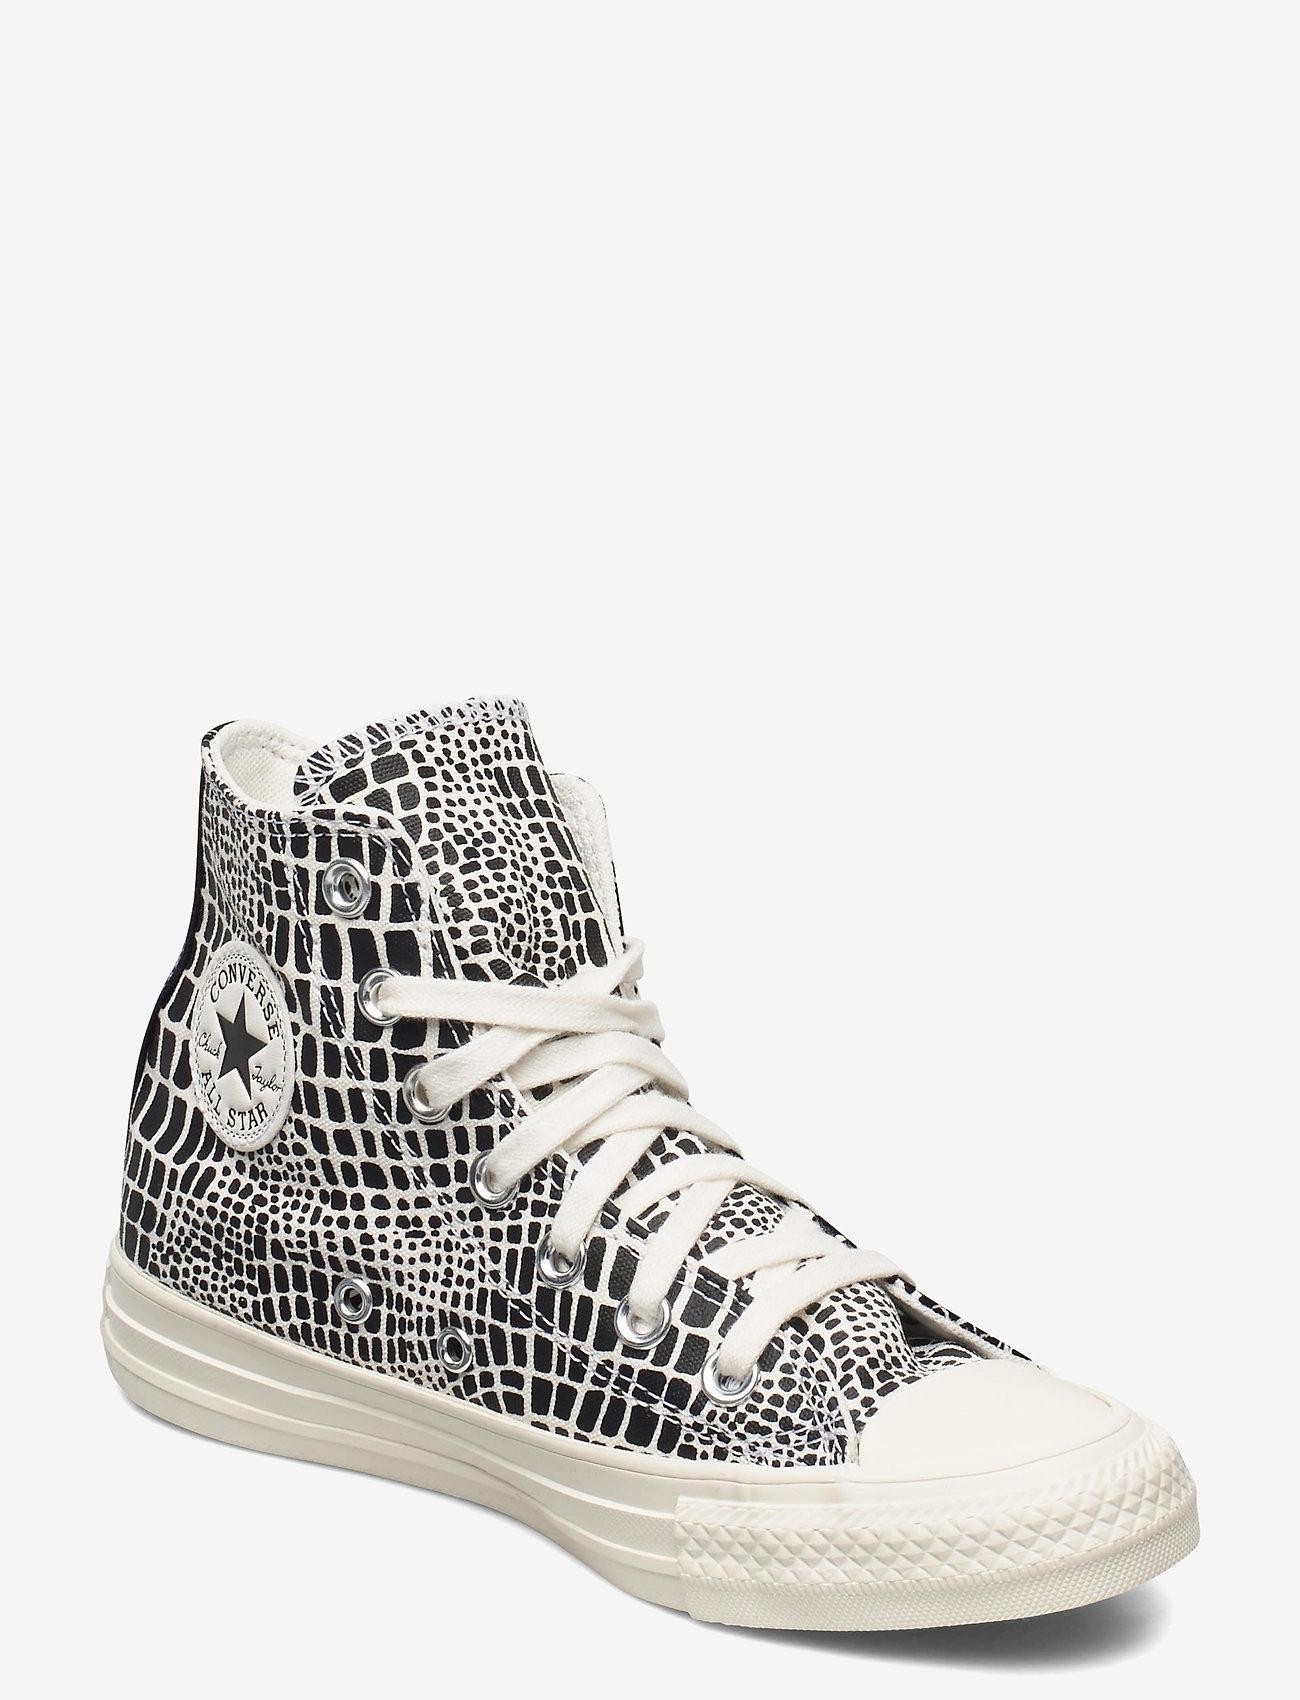 Converse - CTAS HI EGRET/BLACK/EGRET - hoge sneakers - egret/black/egret - 0